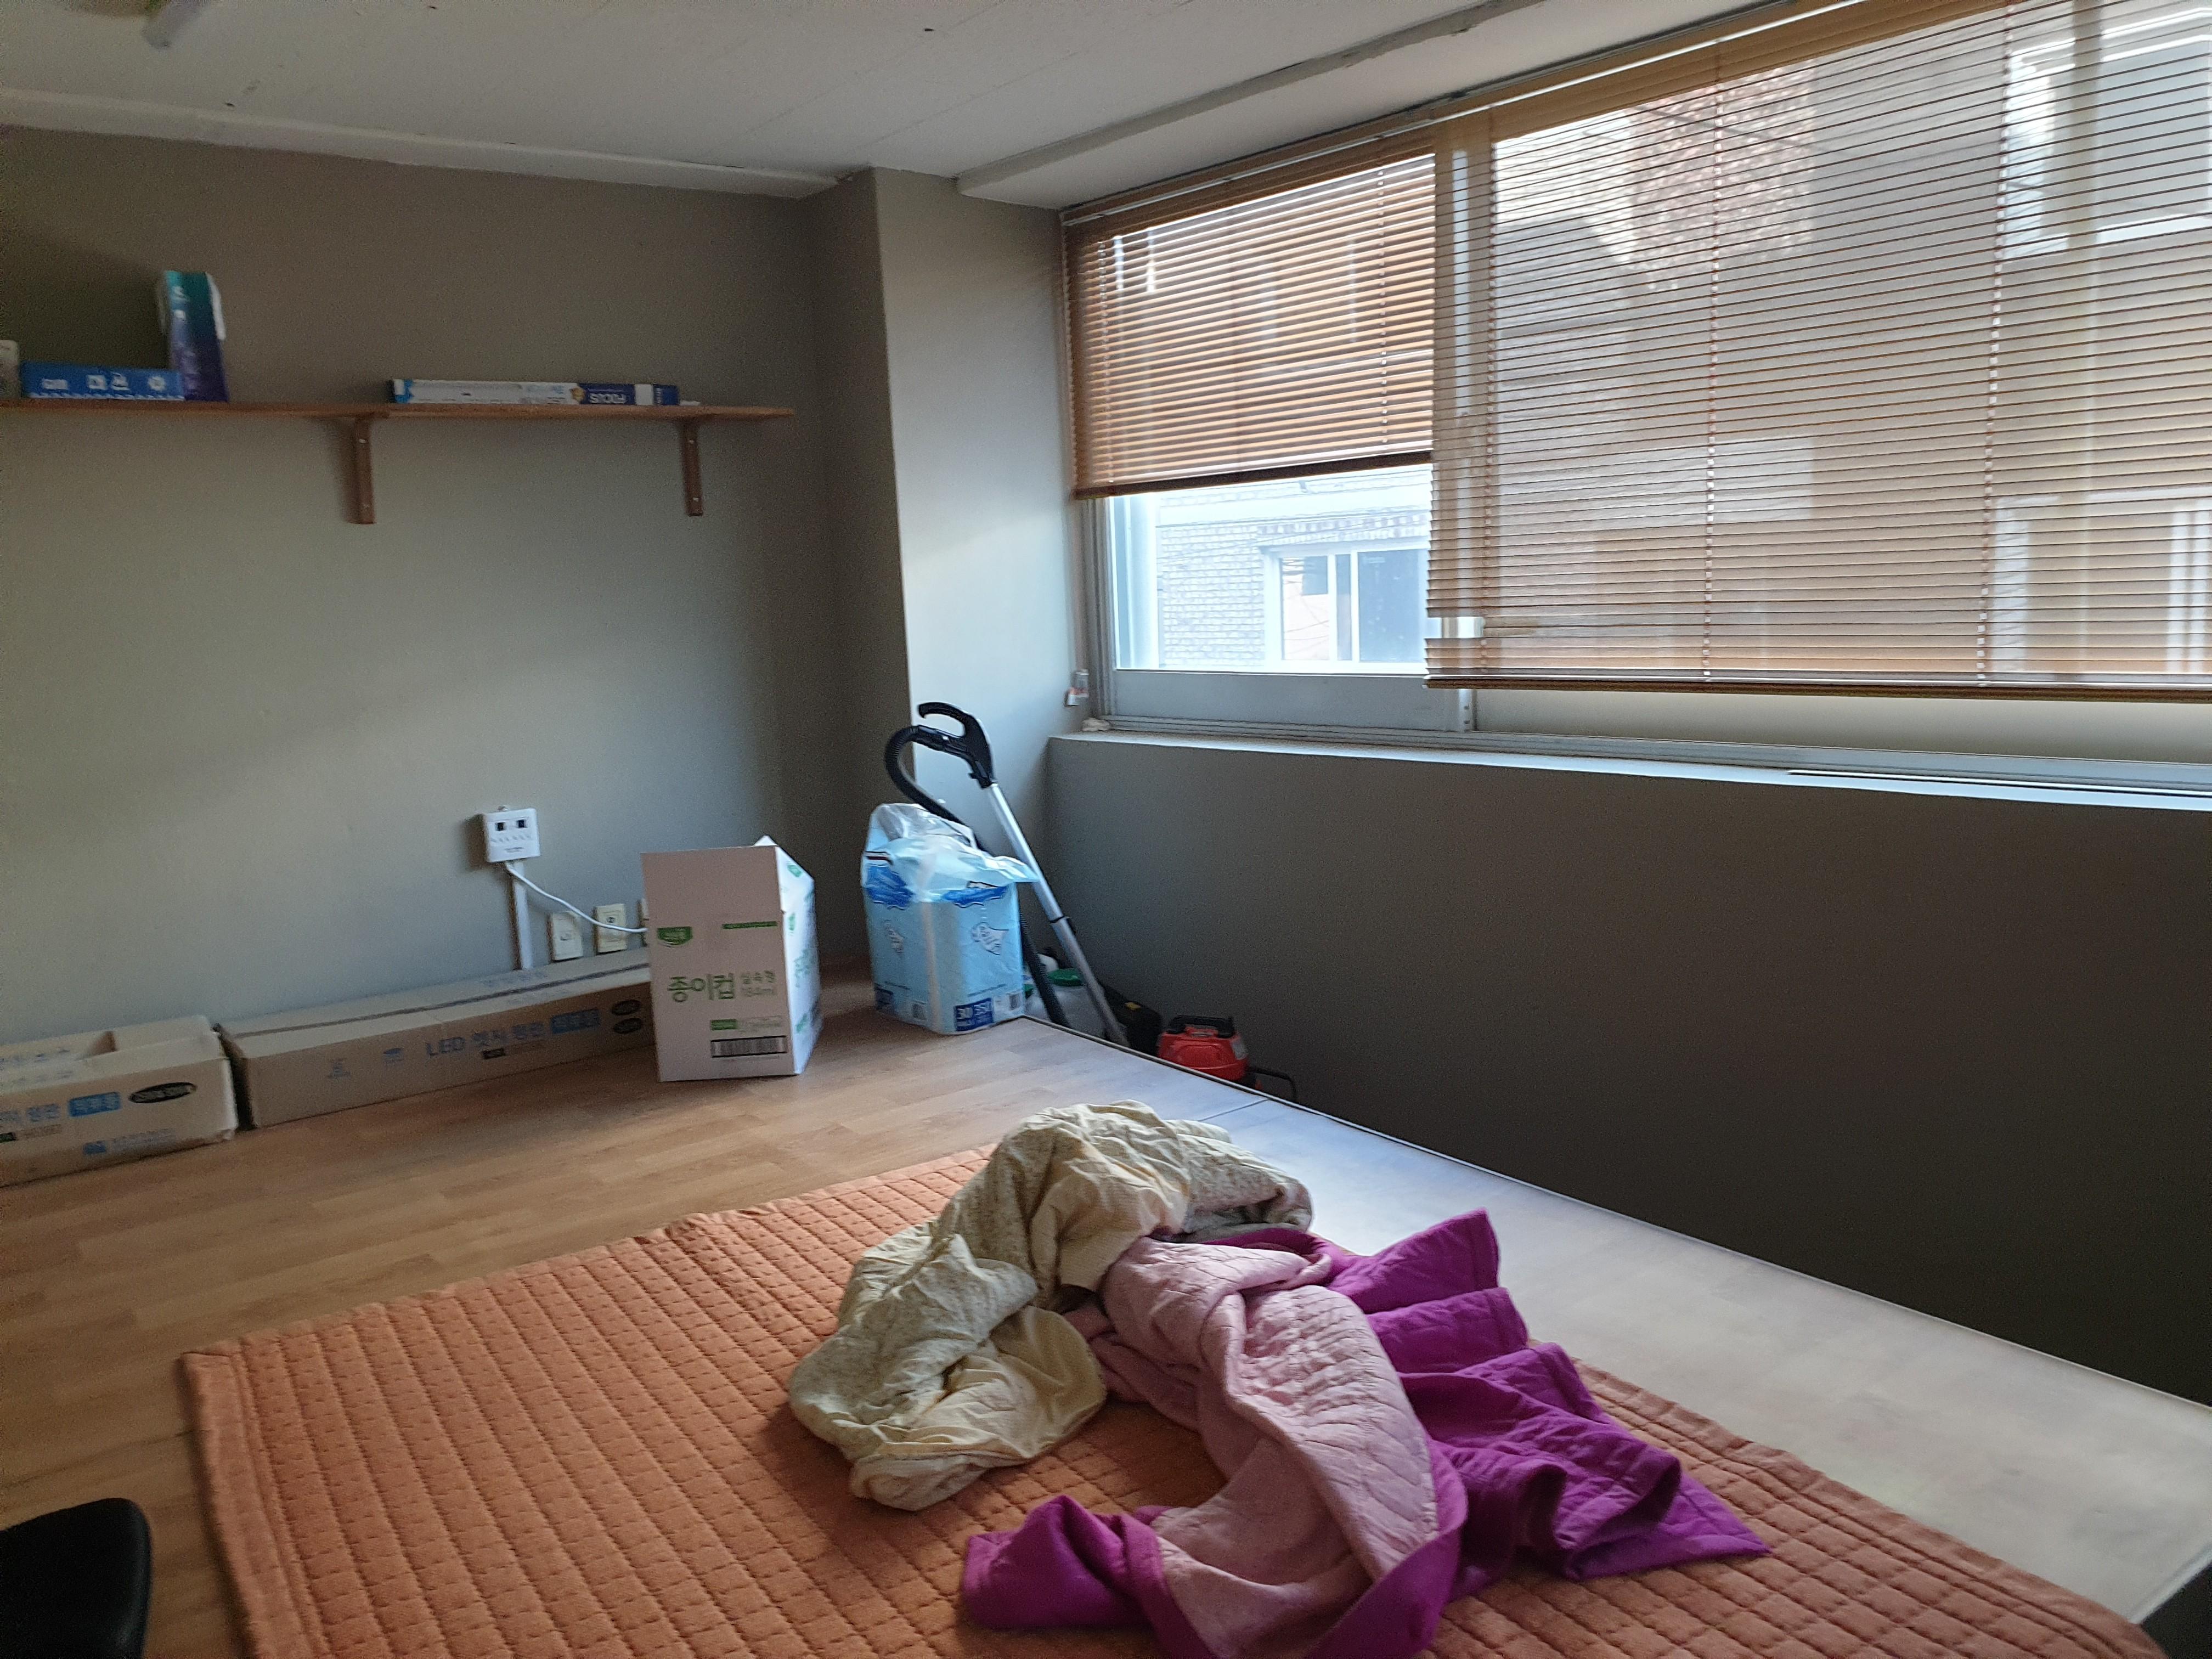 5 번째 사진 단독주택 에  연면적344.98 ㎡ 부산 남구 동명로 석면조사 현장